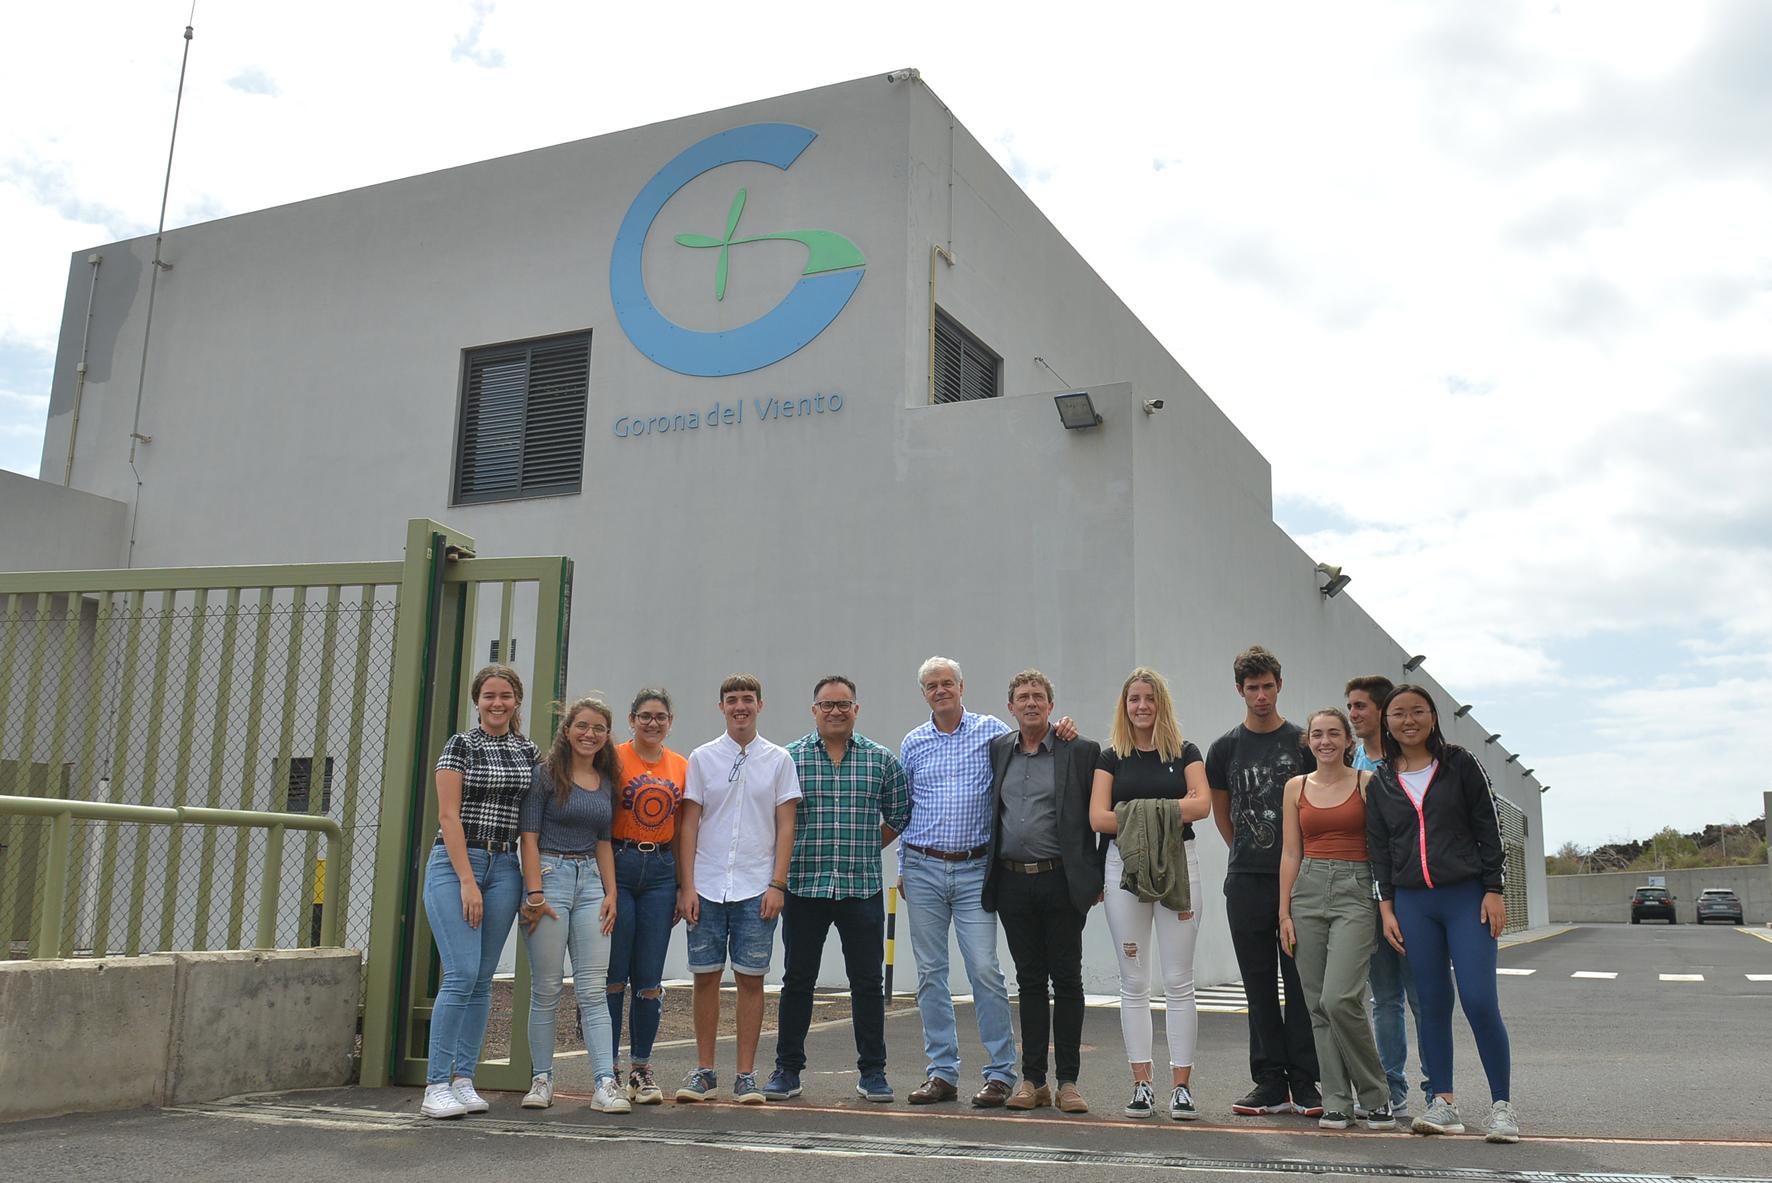 Los estudiantes becados por Gorona del Viento narran su experiencia de inmersión lingüística